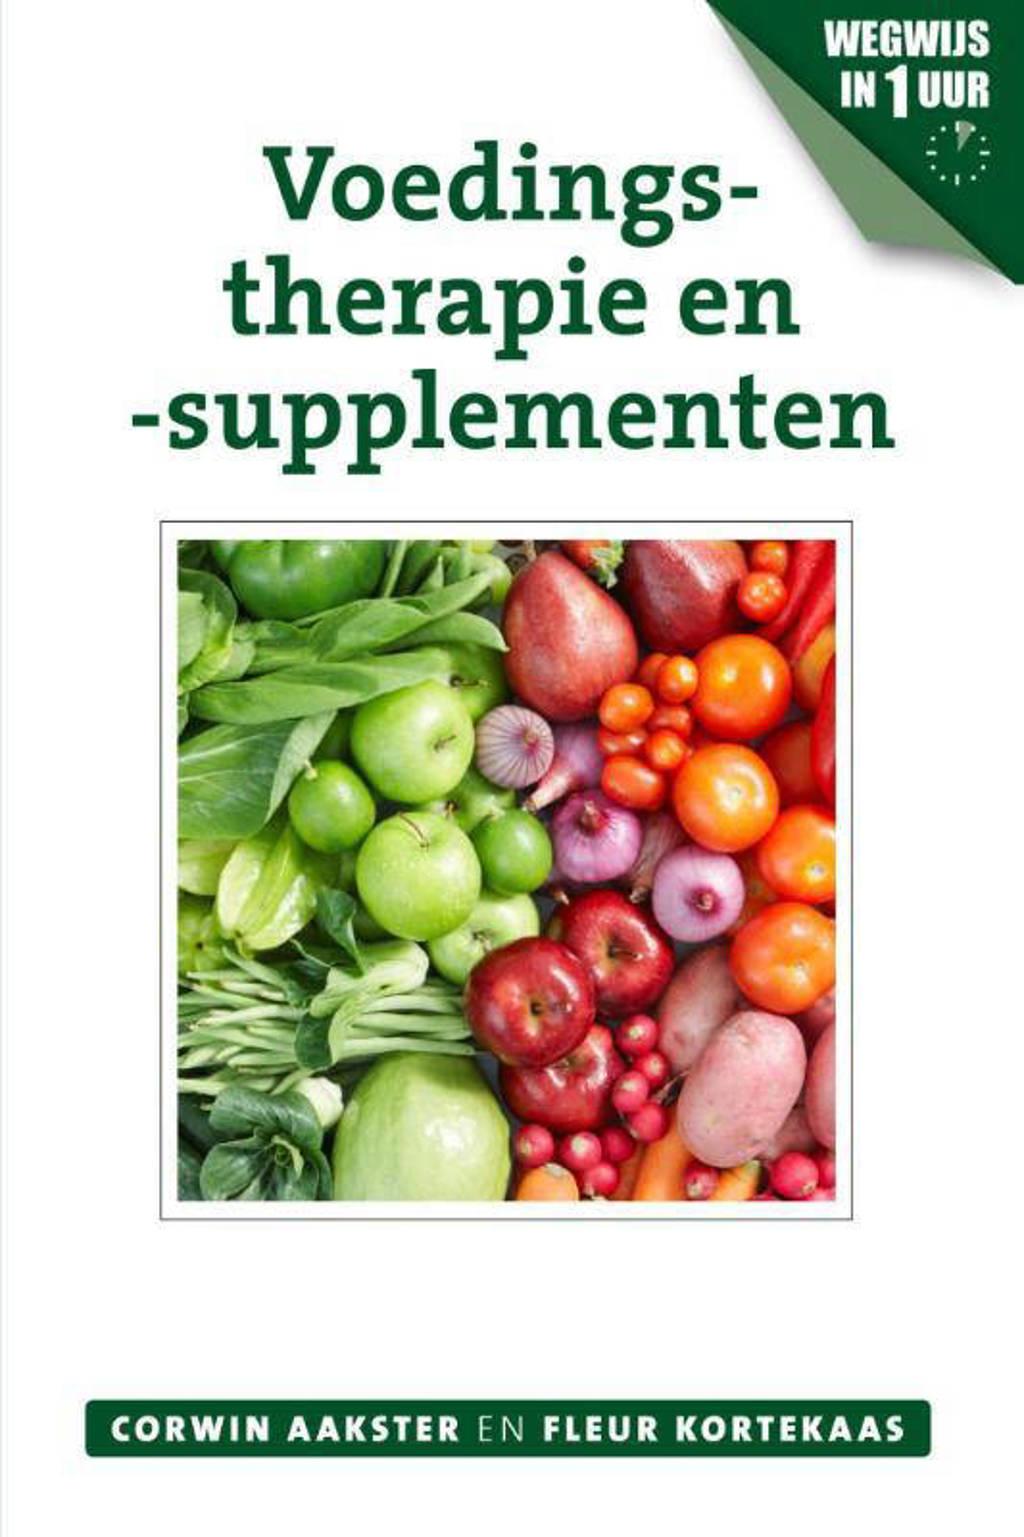 Geneeswijzen in Nederland: Voedingstherapie en -supplementen - Corwin Aakster en Fleur Kortekaas